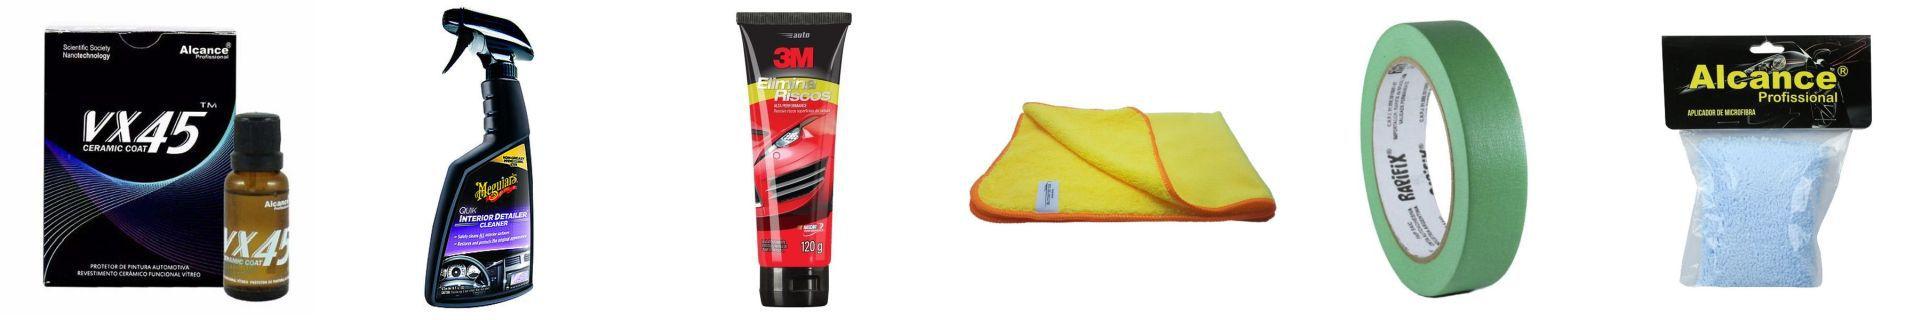 Kit Flanela+Elimina Riscos+VX45+Fita Crepe+Quik Interior+Aplicador